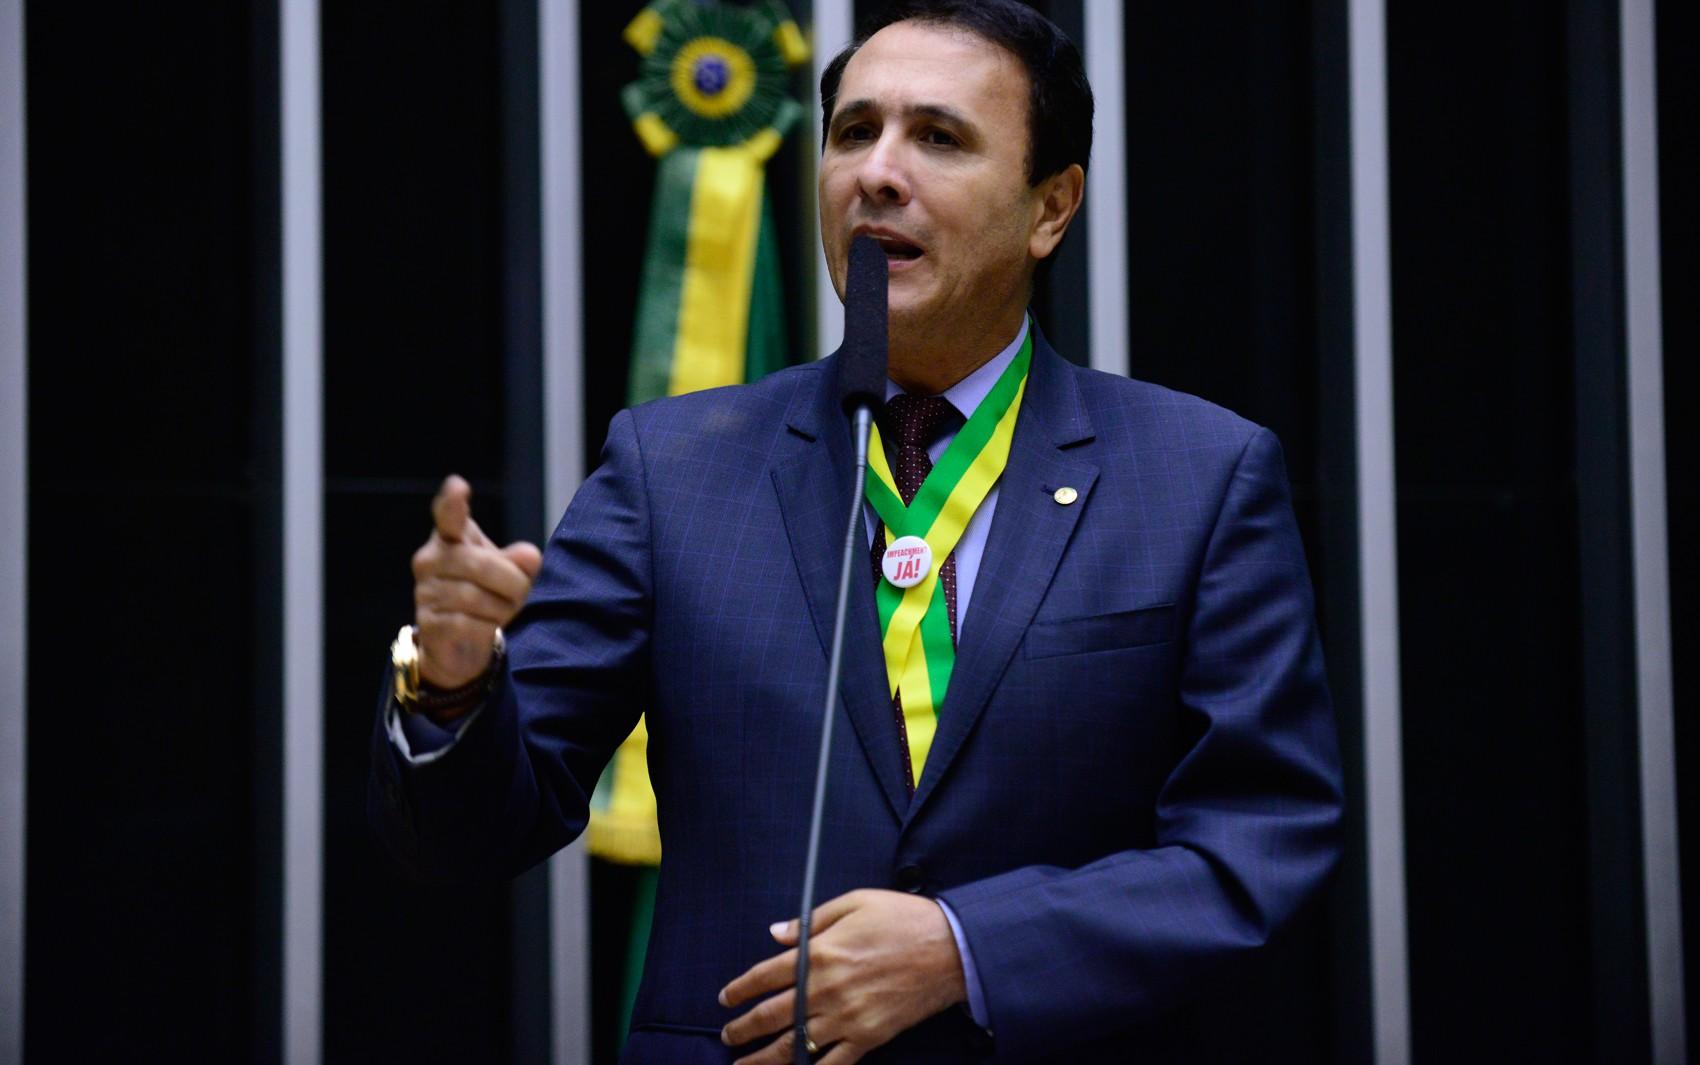 Tribunal mantém condenação do ex-governador Carlos Gaguim a perda de função pública e pagamento de multa